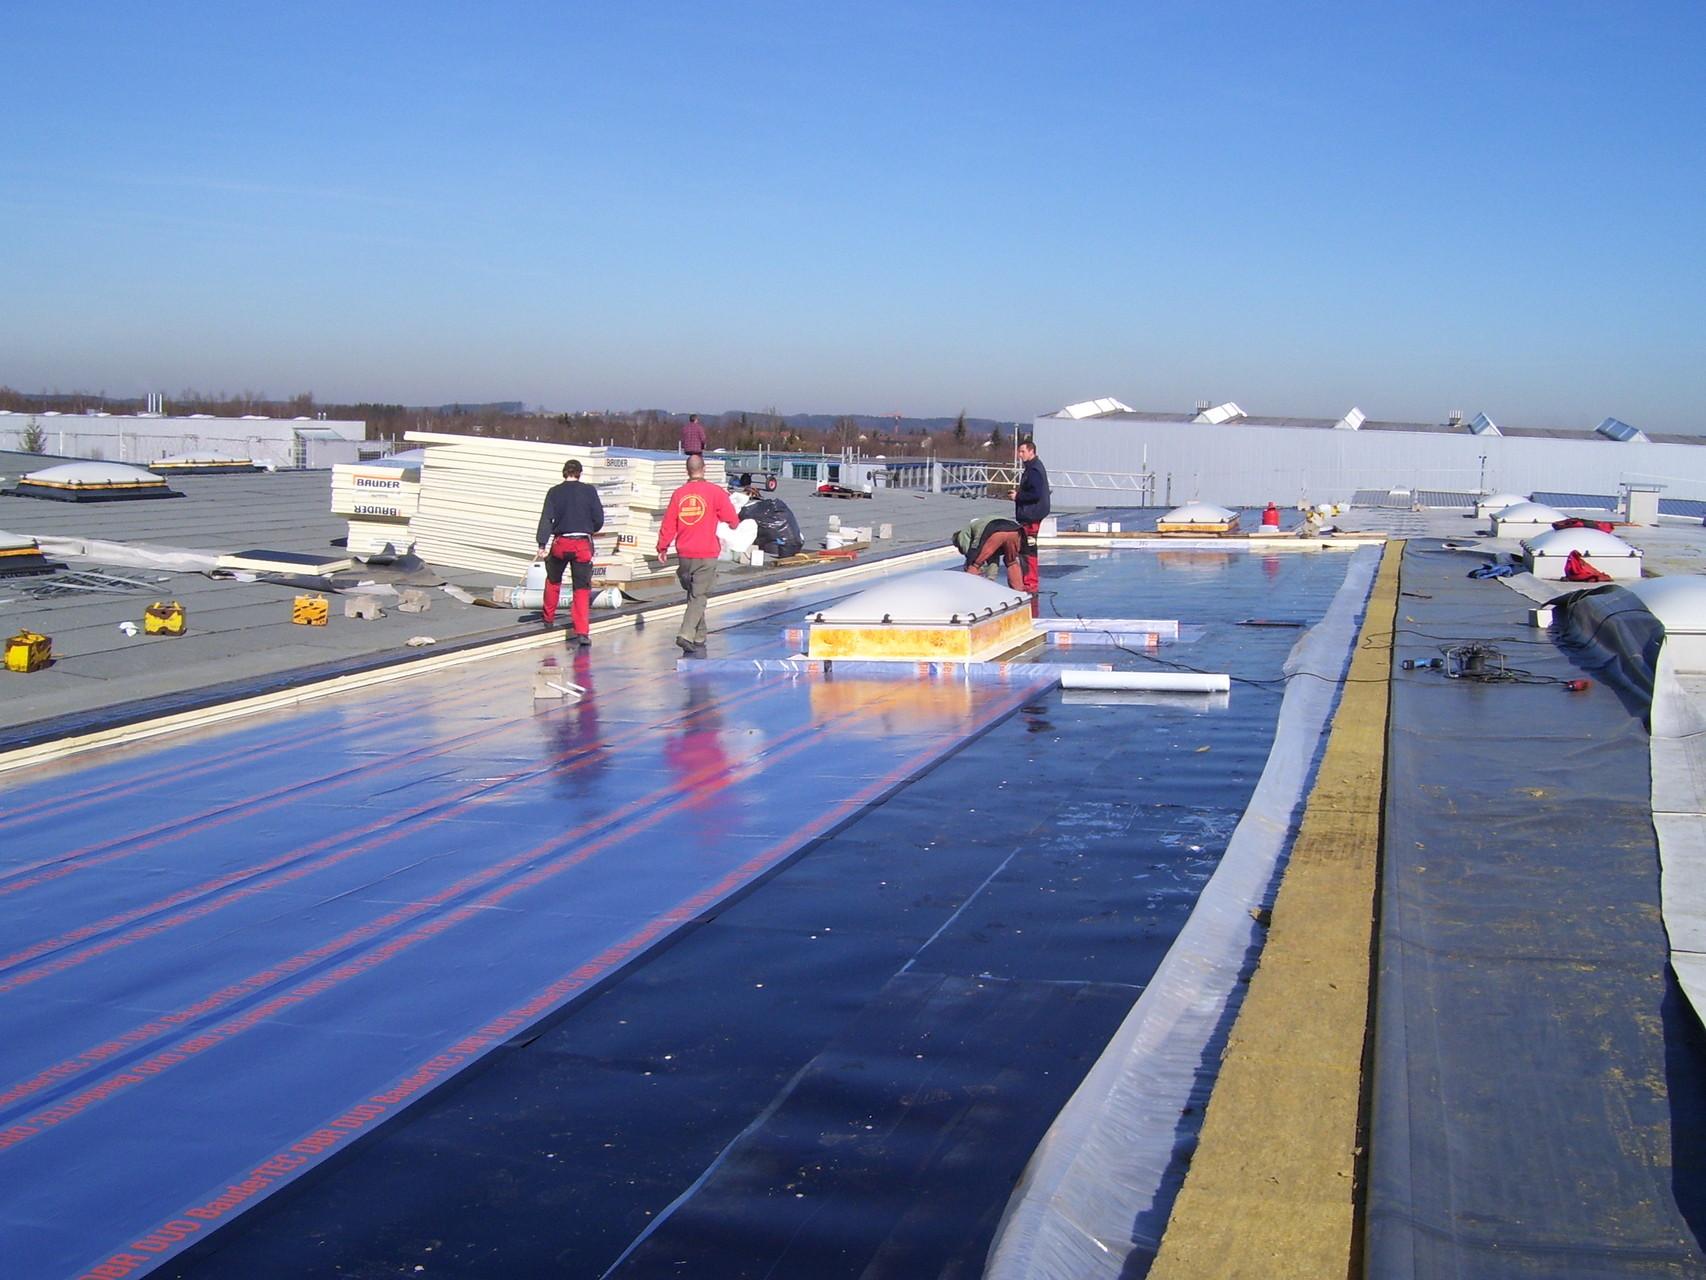 Sonderflughafen Oberpfaffenhofen AIRBUS GROUP:  Bitumendickbeschichtung mehrerer Flachdächer mit  mehrlagig aufgebrachten Schichten aus kunststoffmodifizierten Bitumenbahnen, u.a. Polymerbitumen und Elastomerbitumen.